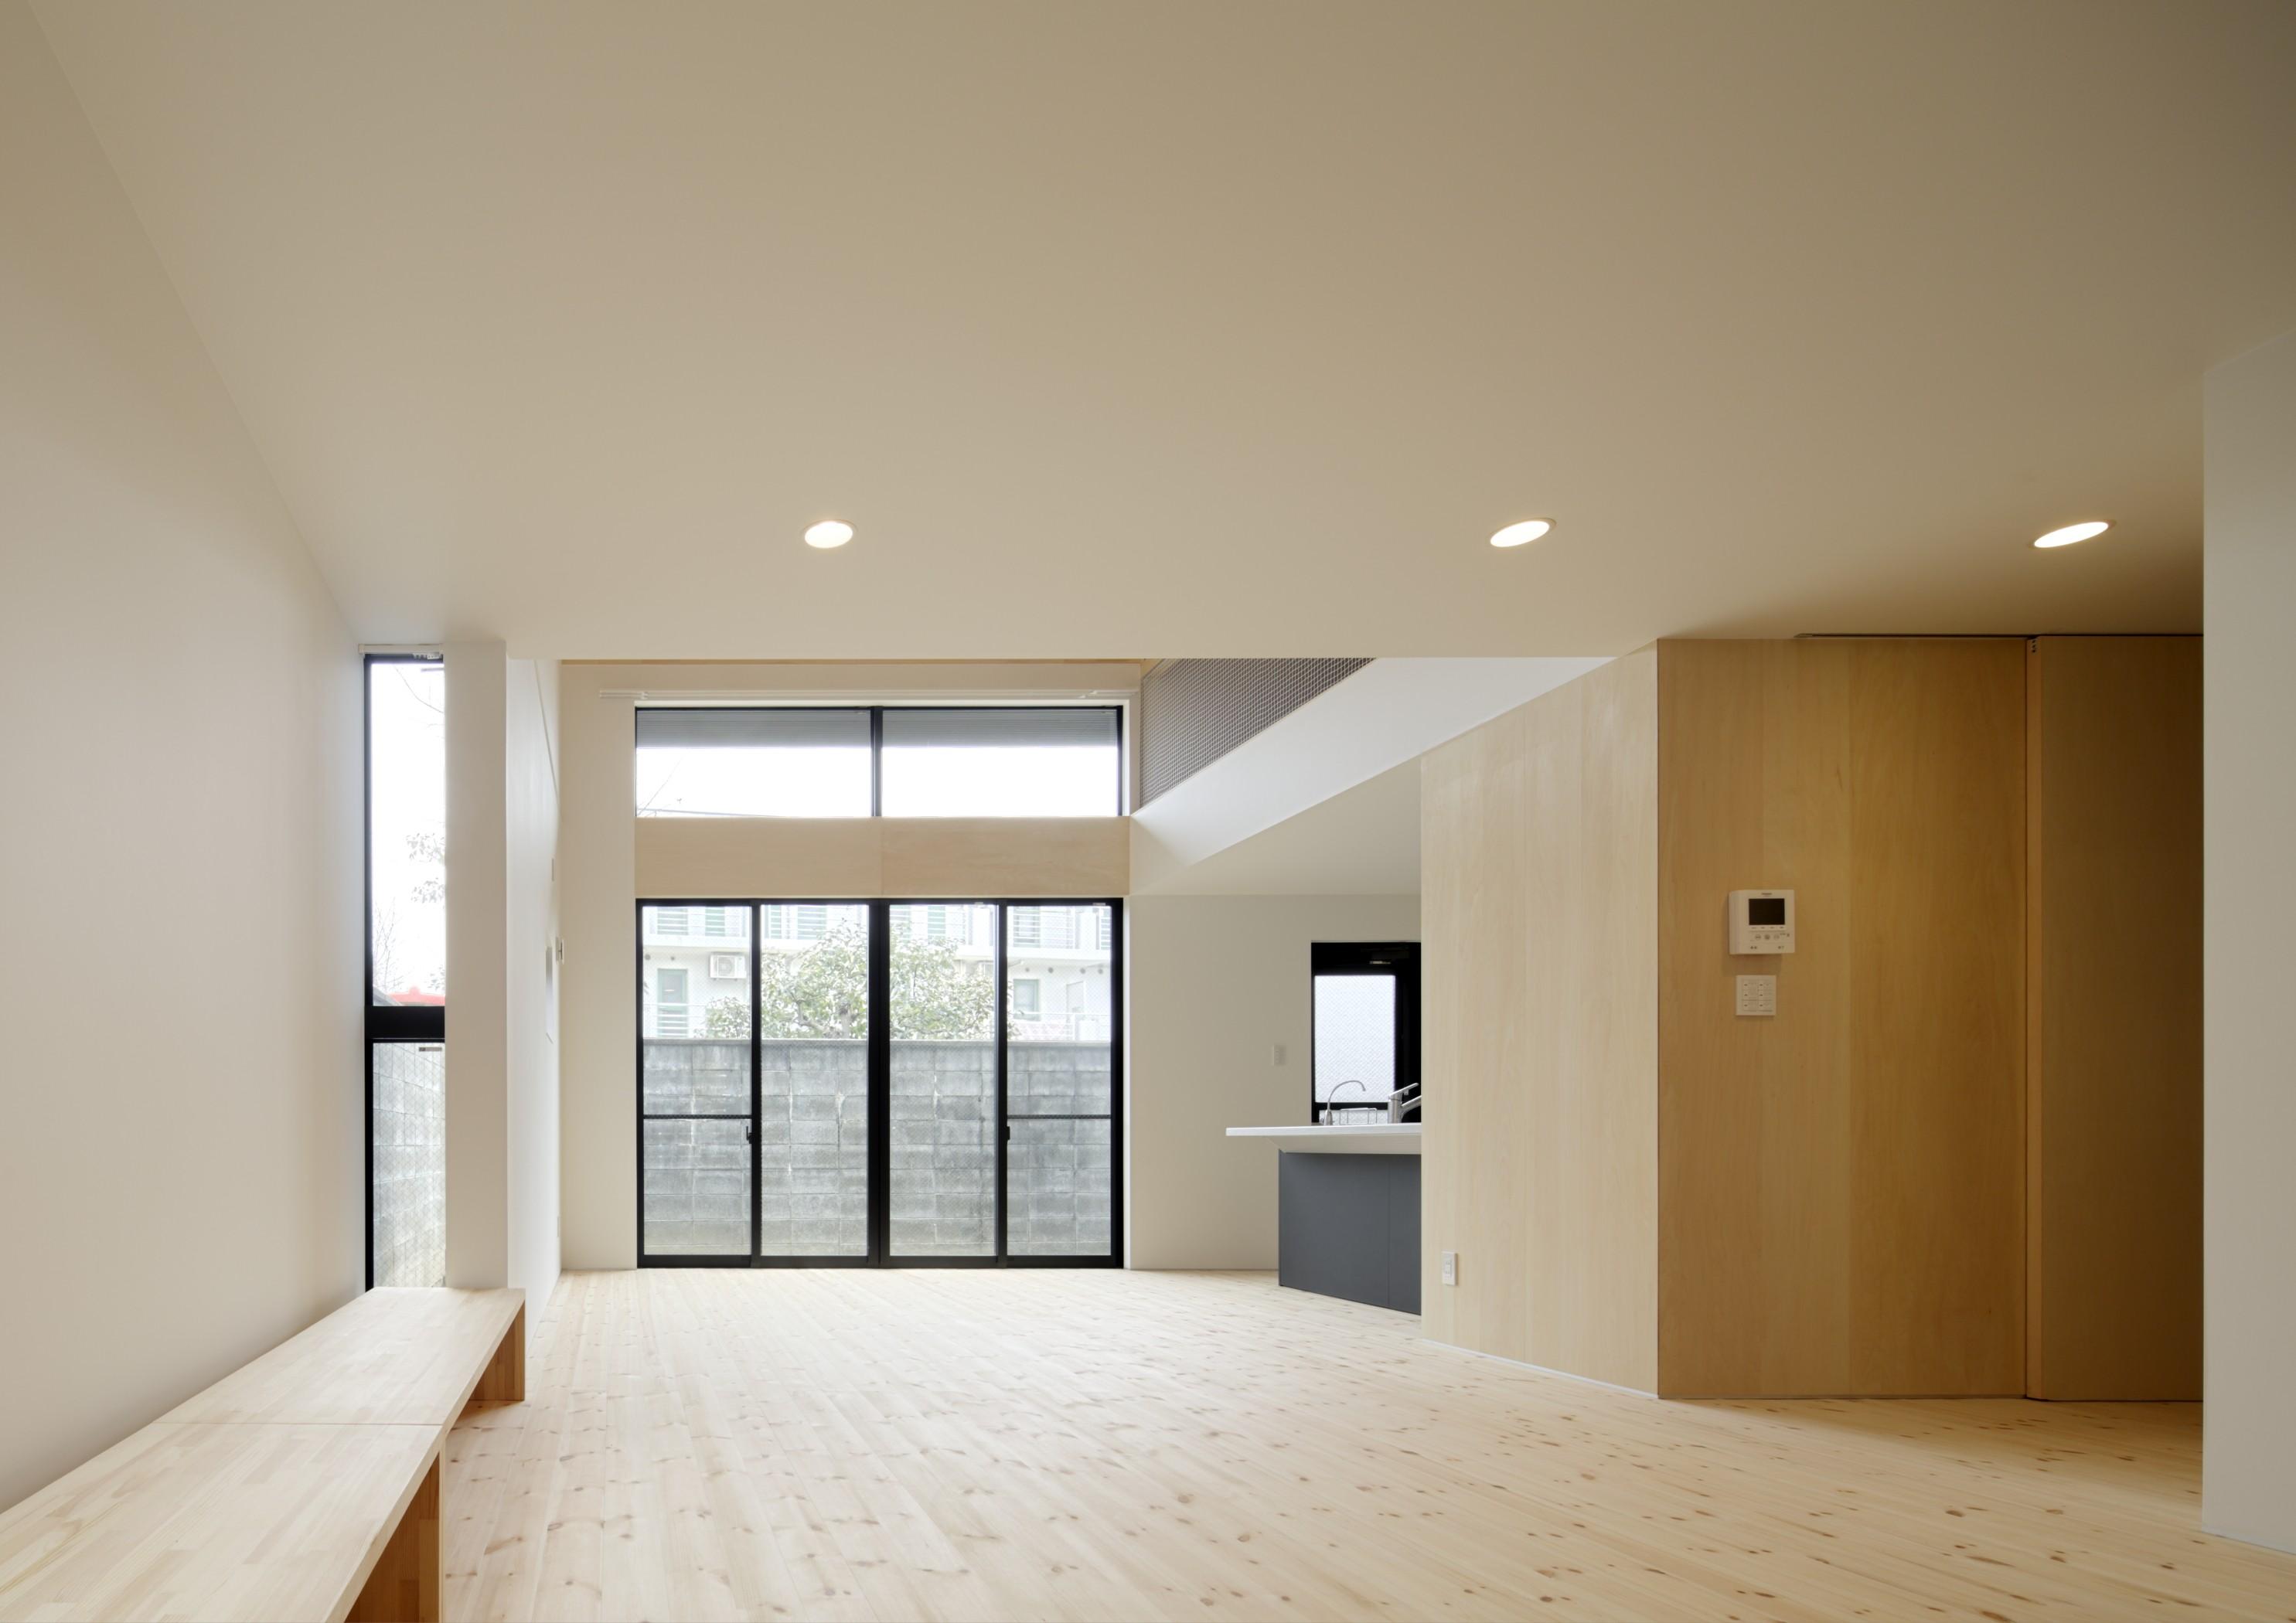 リビングダイニング事例:リビング・ダイニング(多層空間の家)